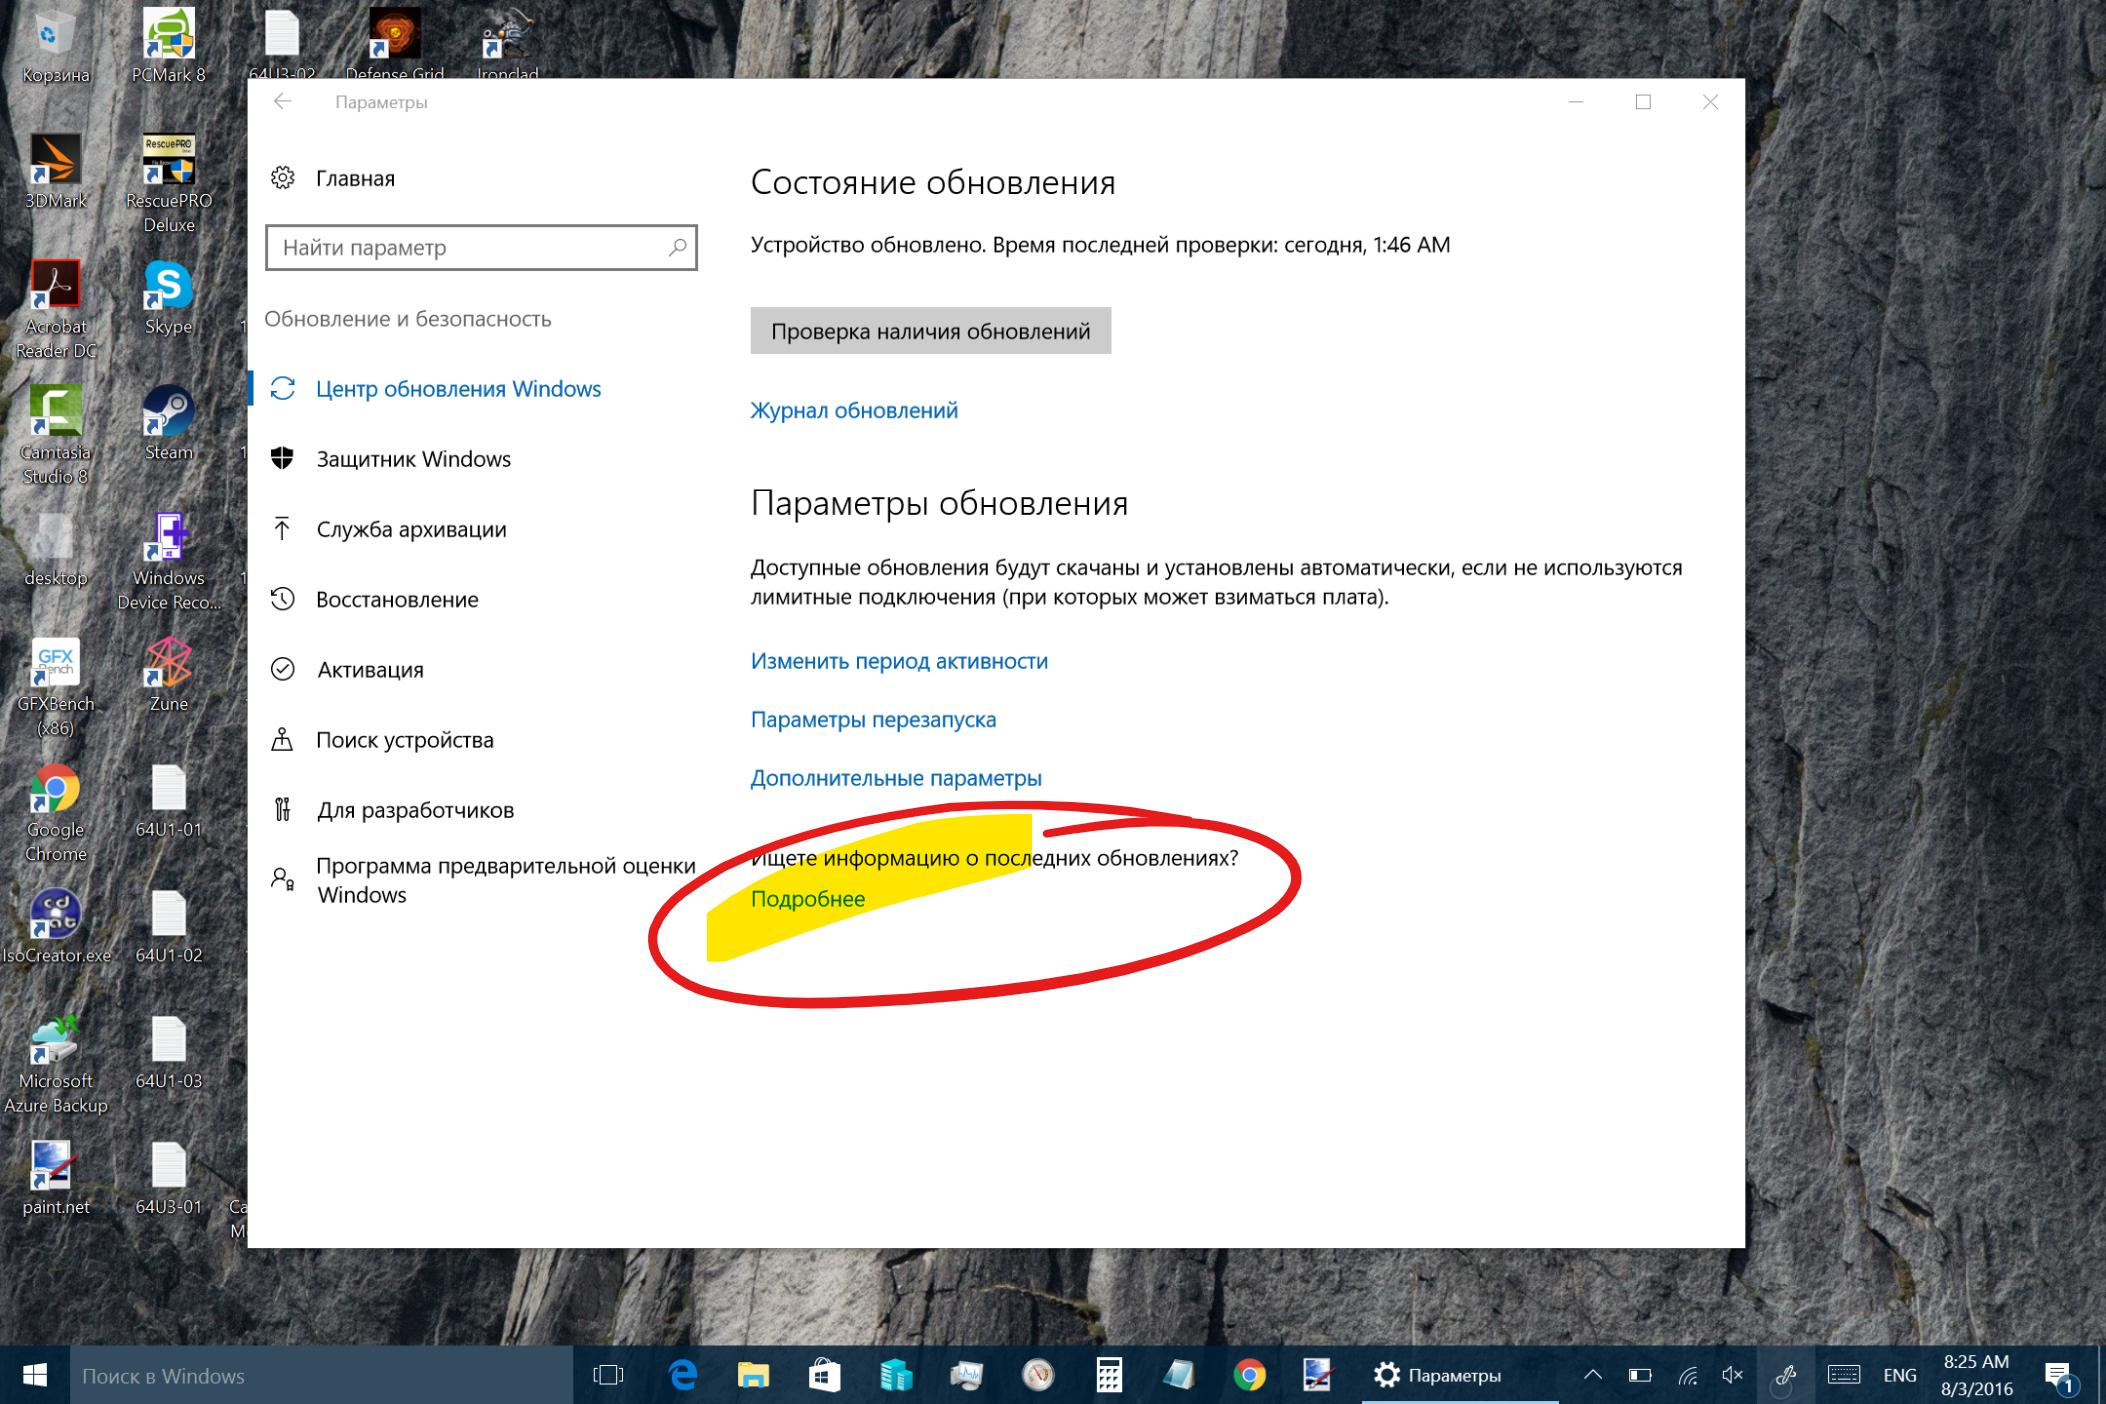 Скачать обновления для windows 7 до windows 10.